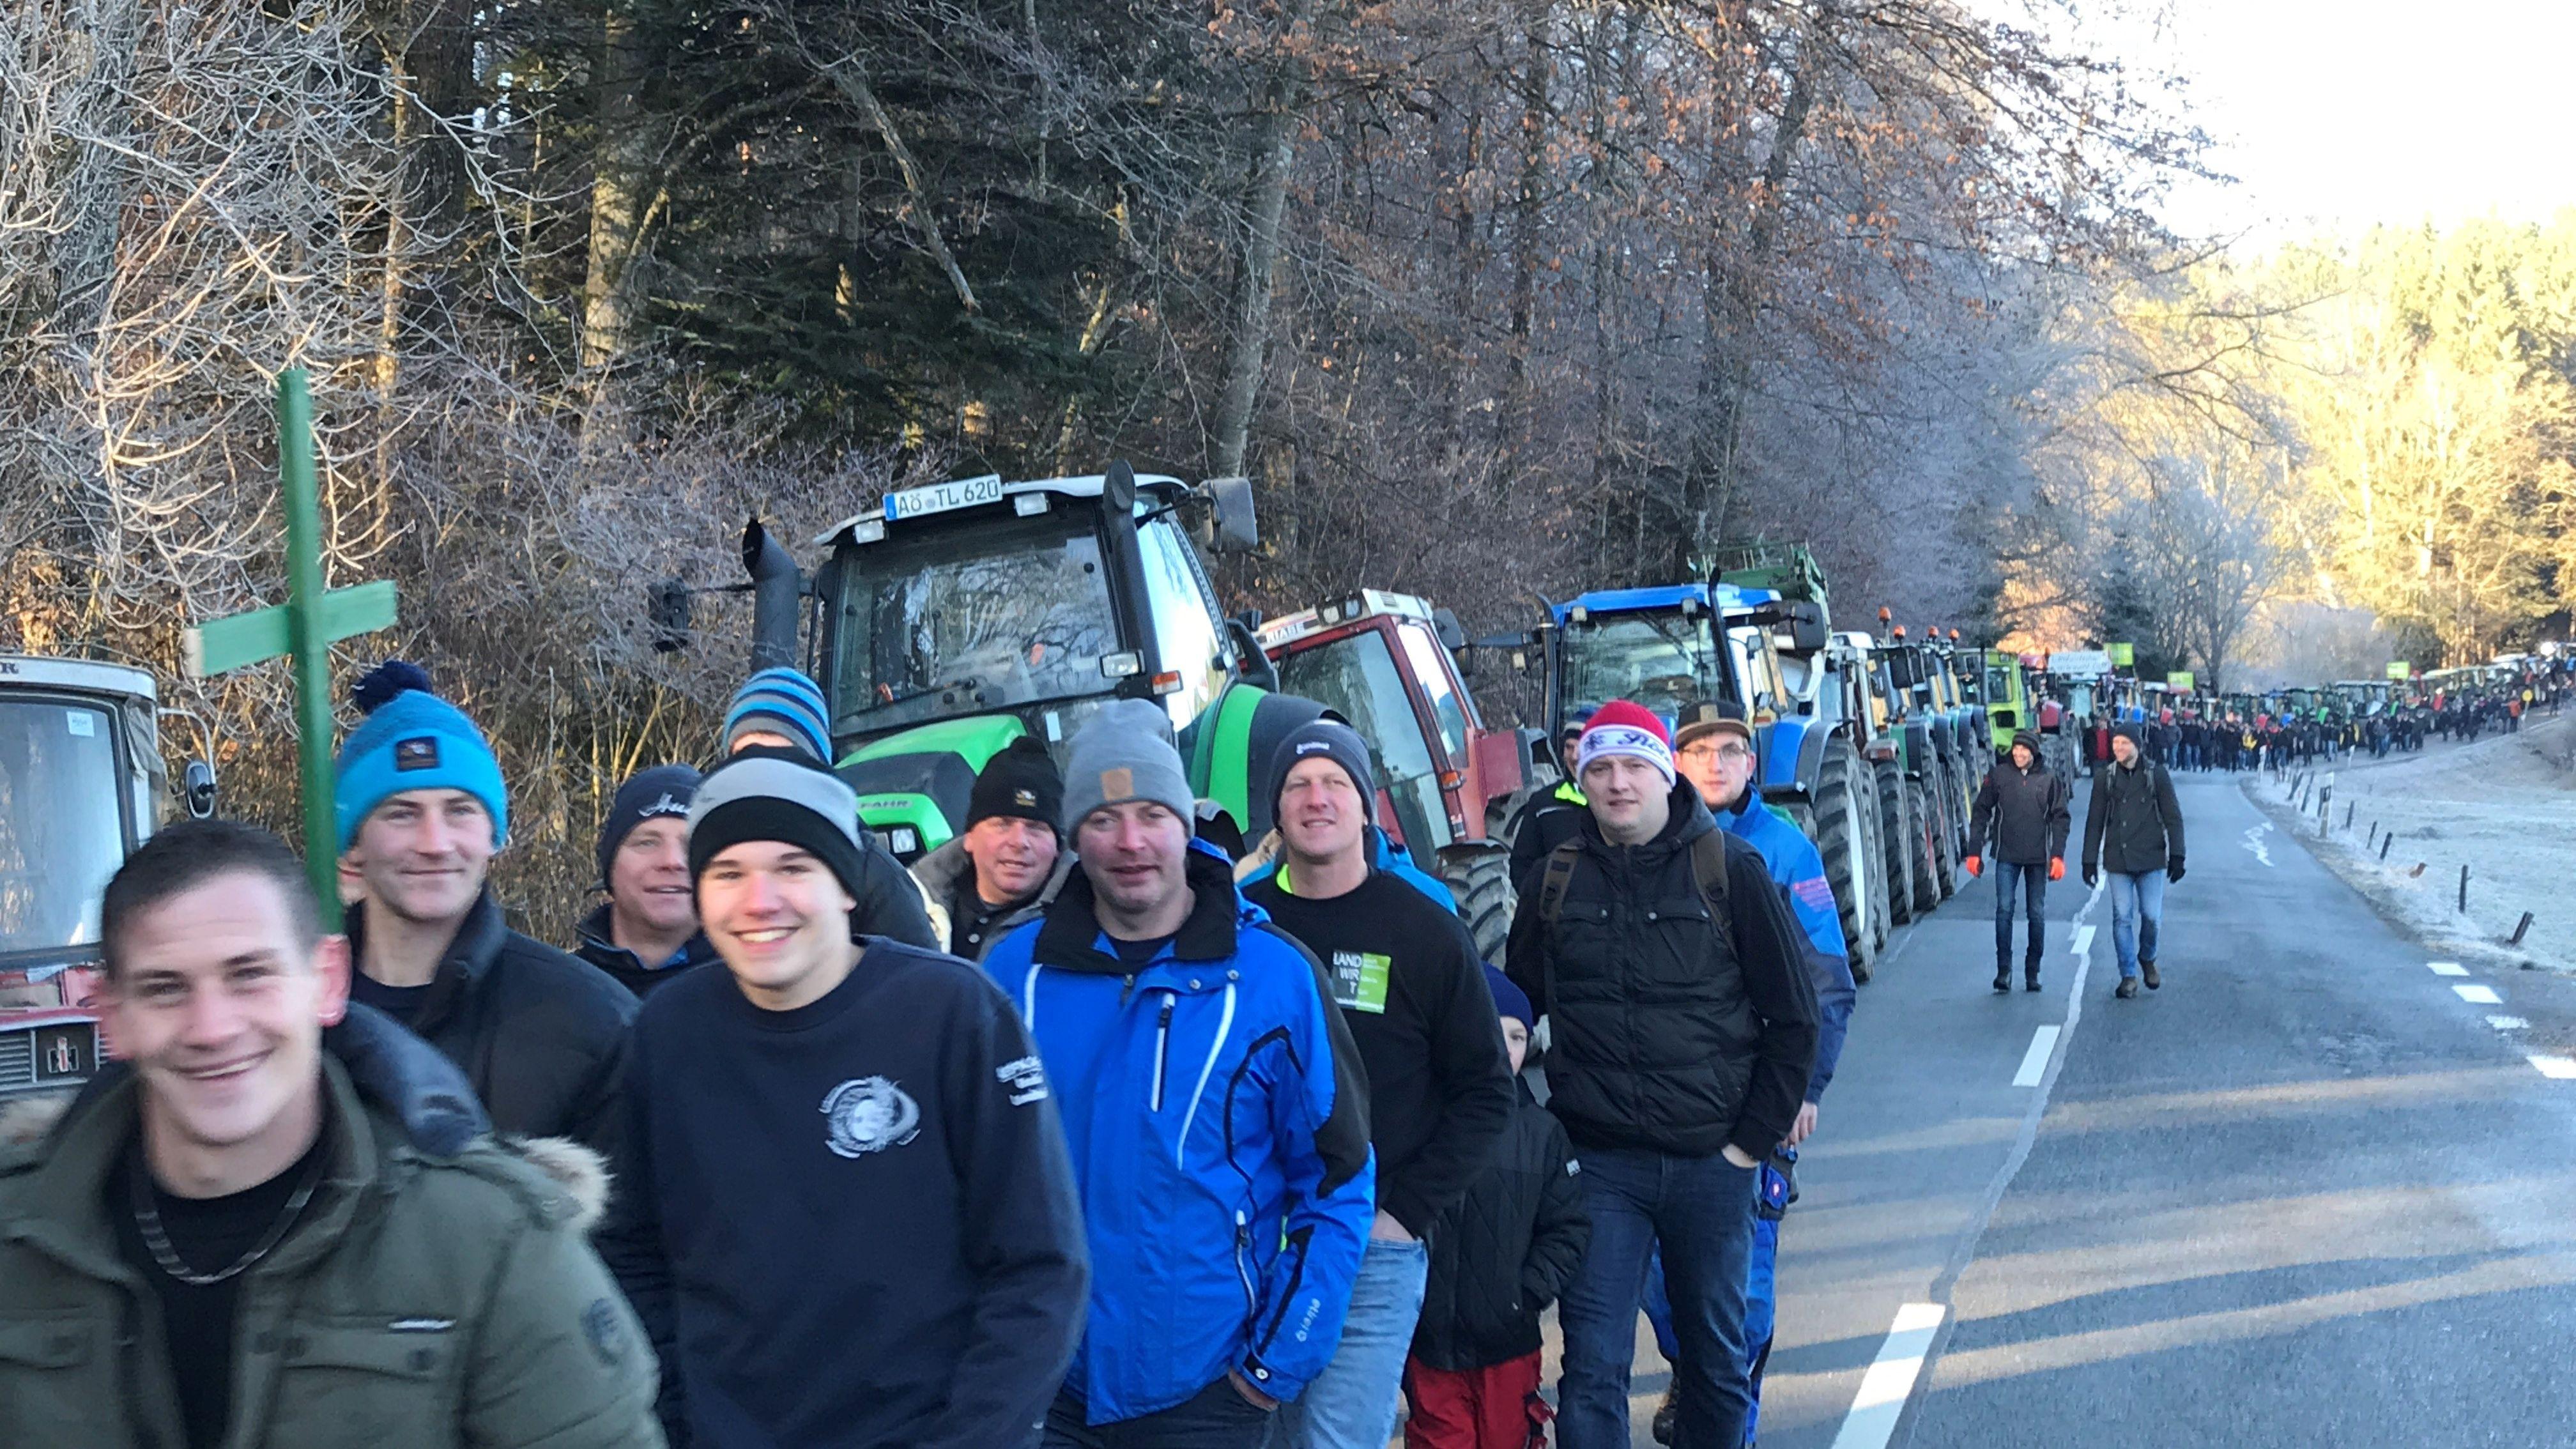 Tausende Landwirte haben sich mit ihren Traktoren auf den Weg nach Kloster Seeon gemacht.